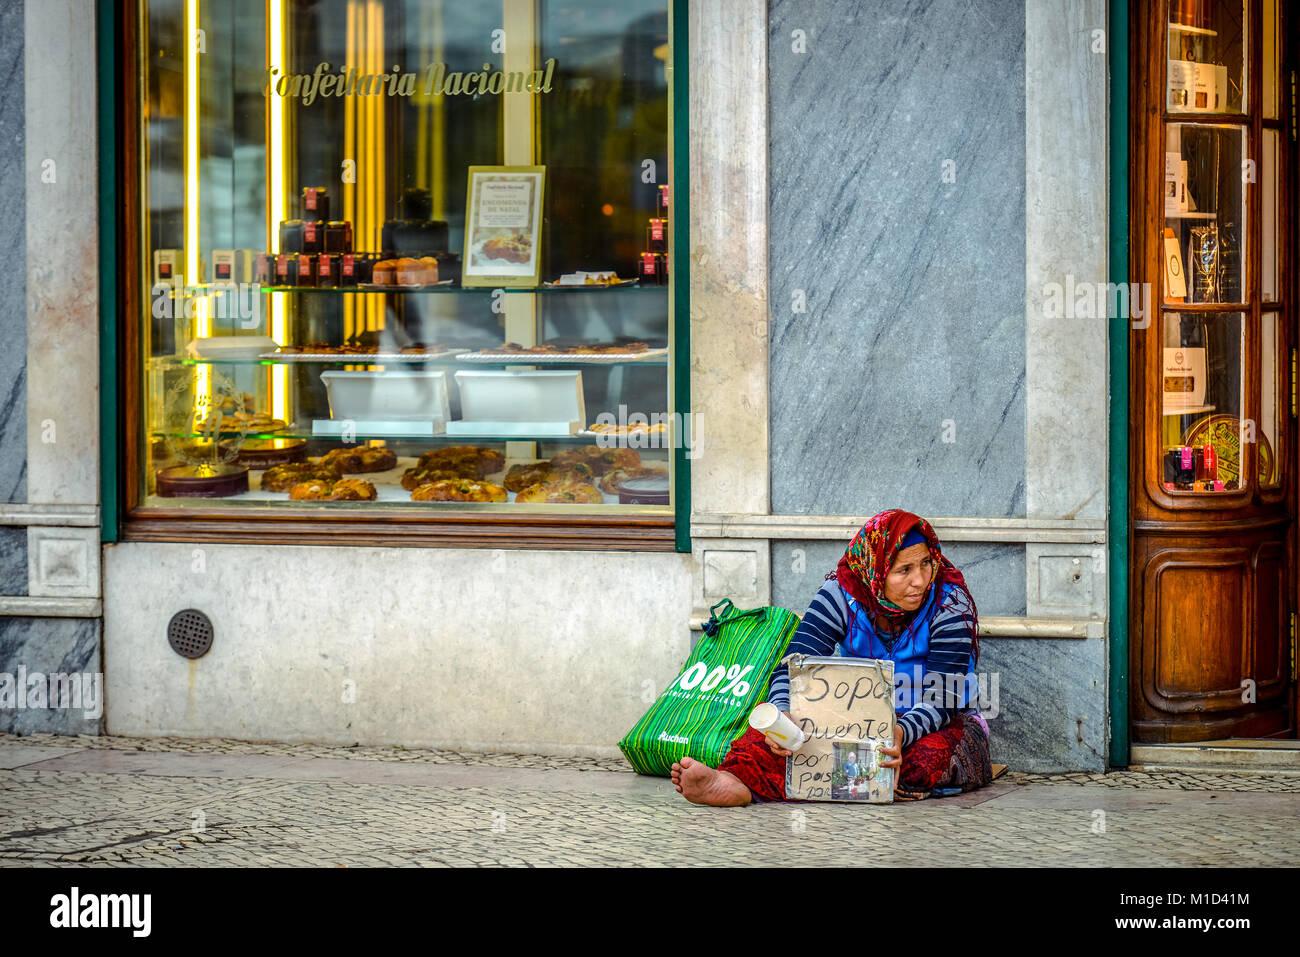 Beggar, Praça da Figueira, Lisbon, Portugal, Bettlerin, Praca da Figueira, Lissabon - Stock Image